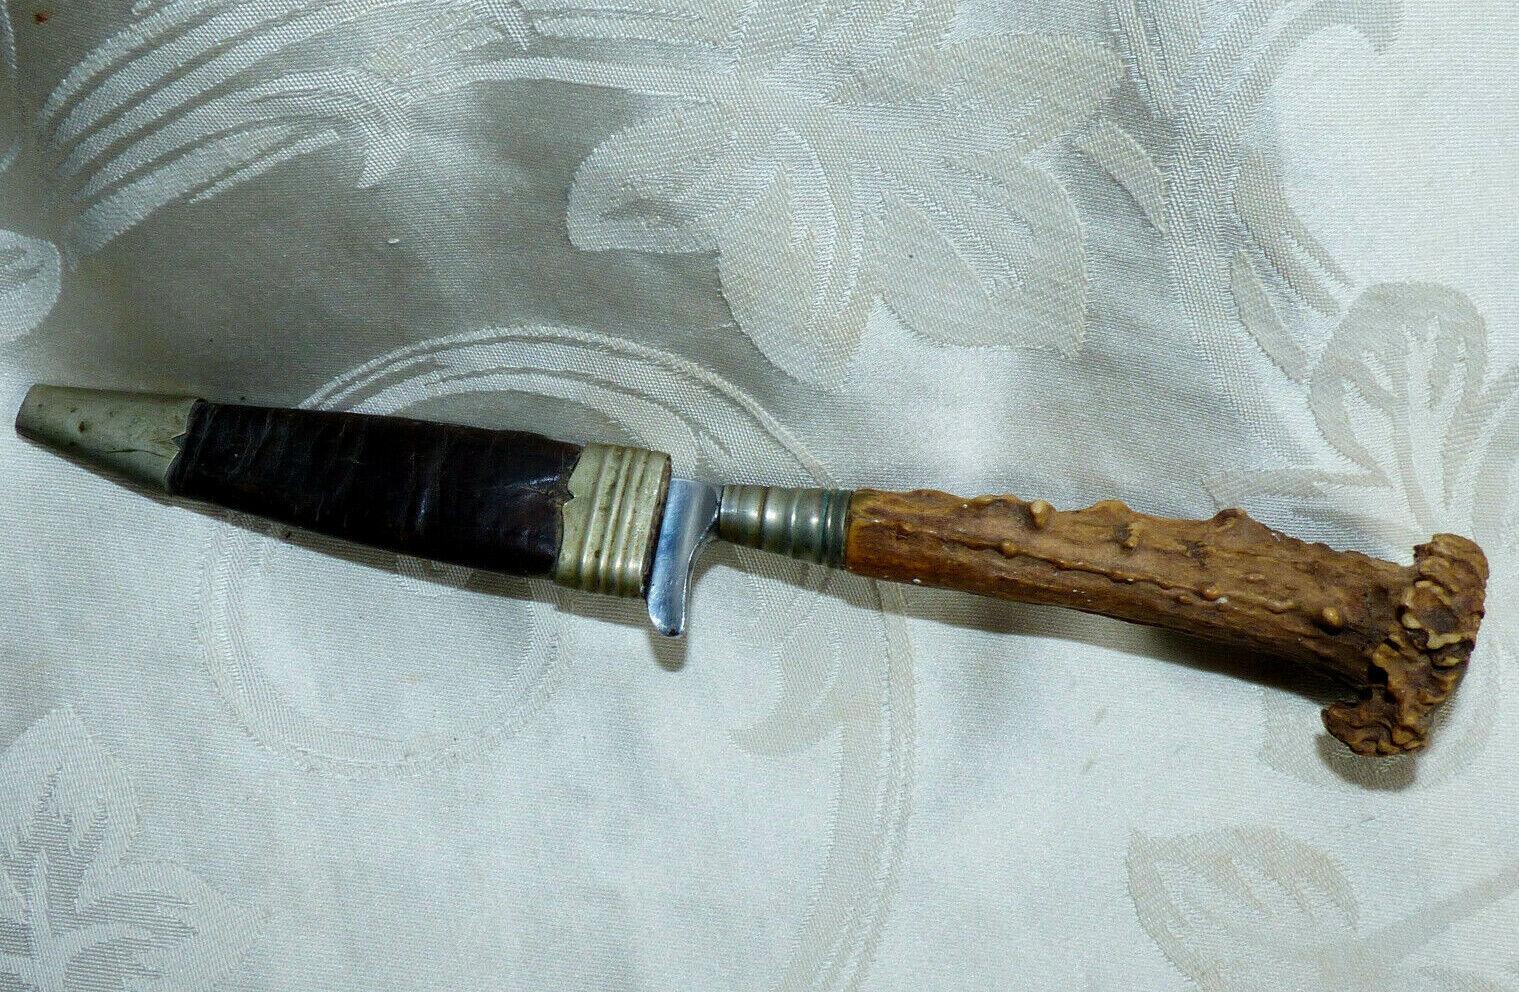 Ancien Couteau de Chasse dit Nicker marque Güthner Rostfrei